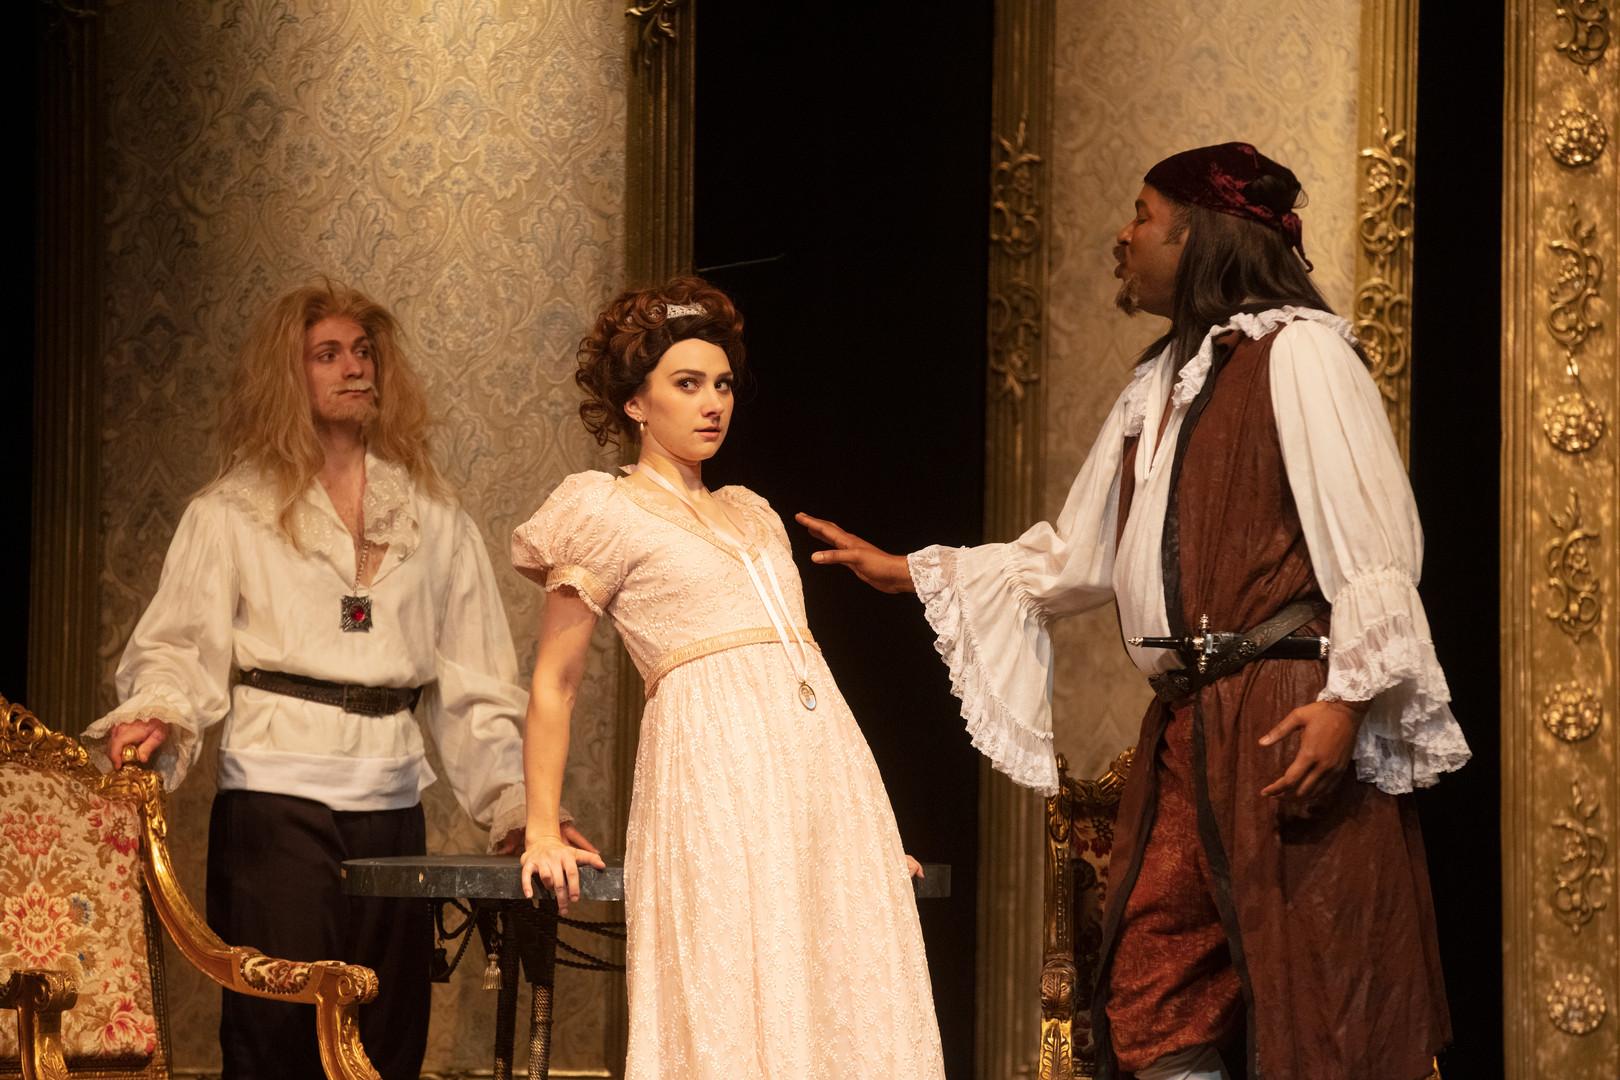 Così fan tutte, Act 1 Fargo-Moorhead Opera March 2019